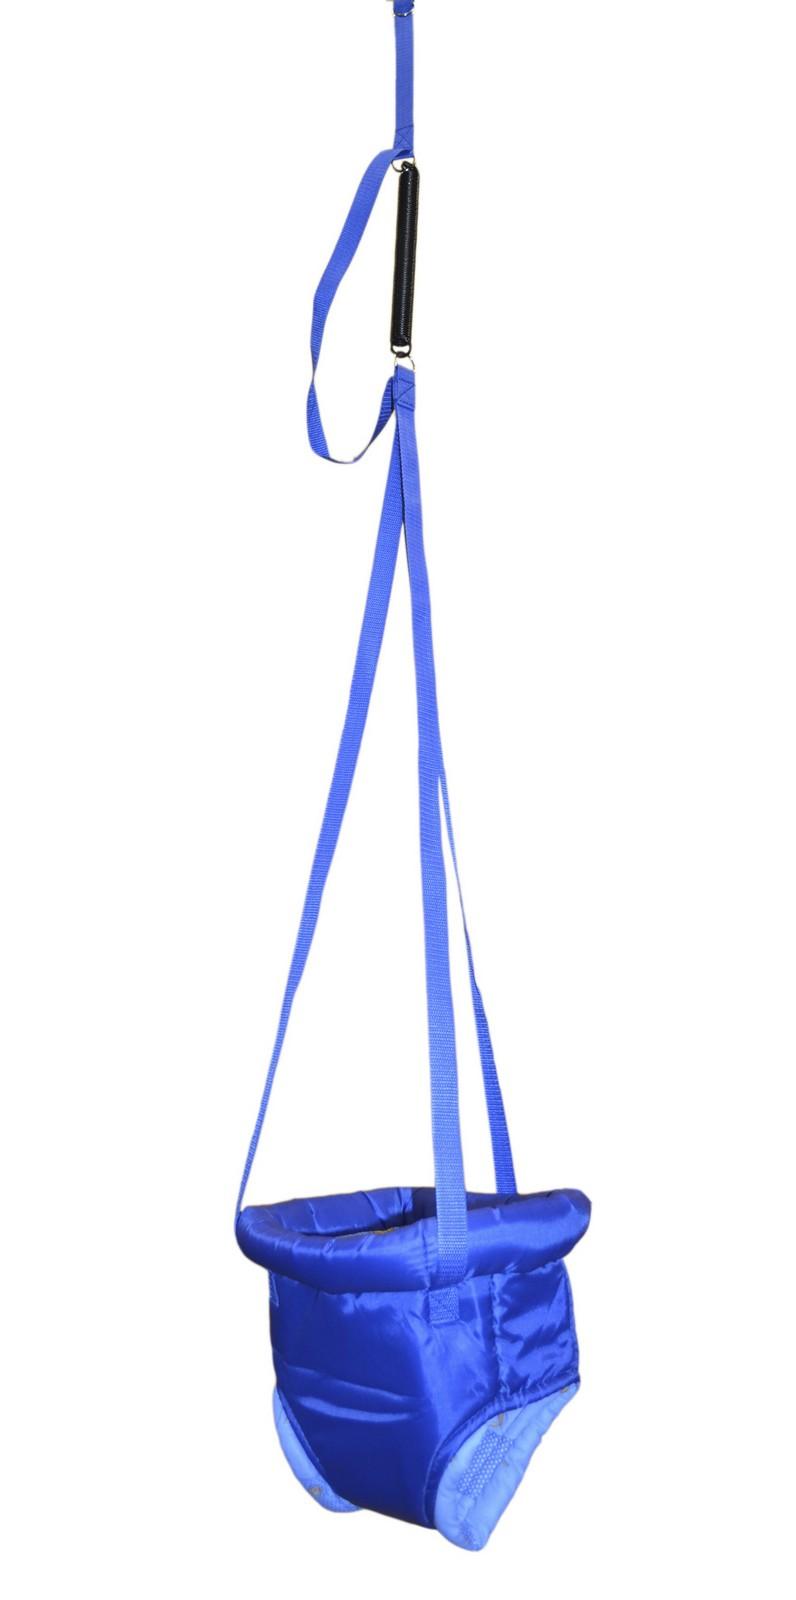 прыгунки Детский тренажер Мирти Прыгунки №3, 4610003450038, голубой